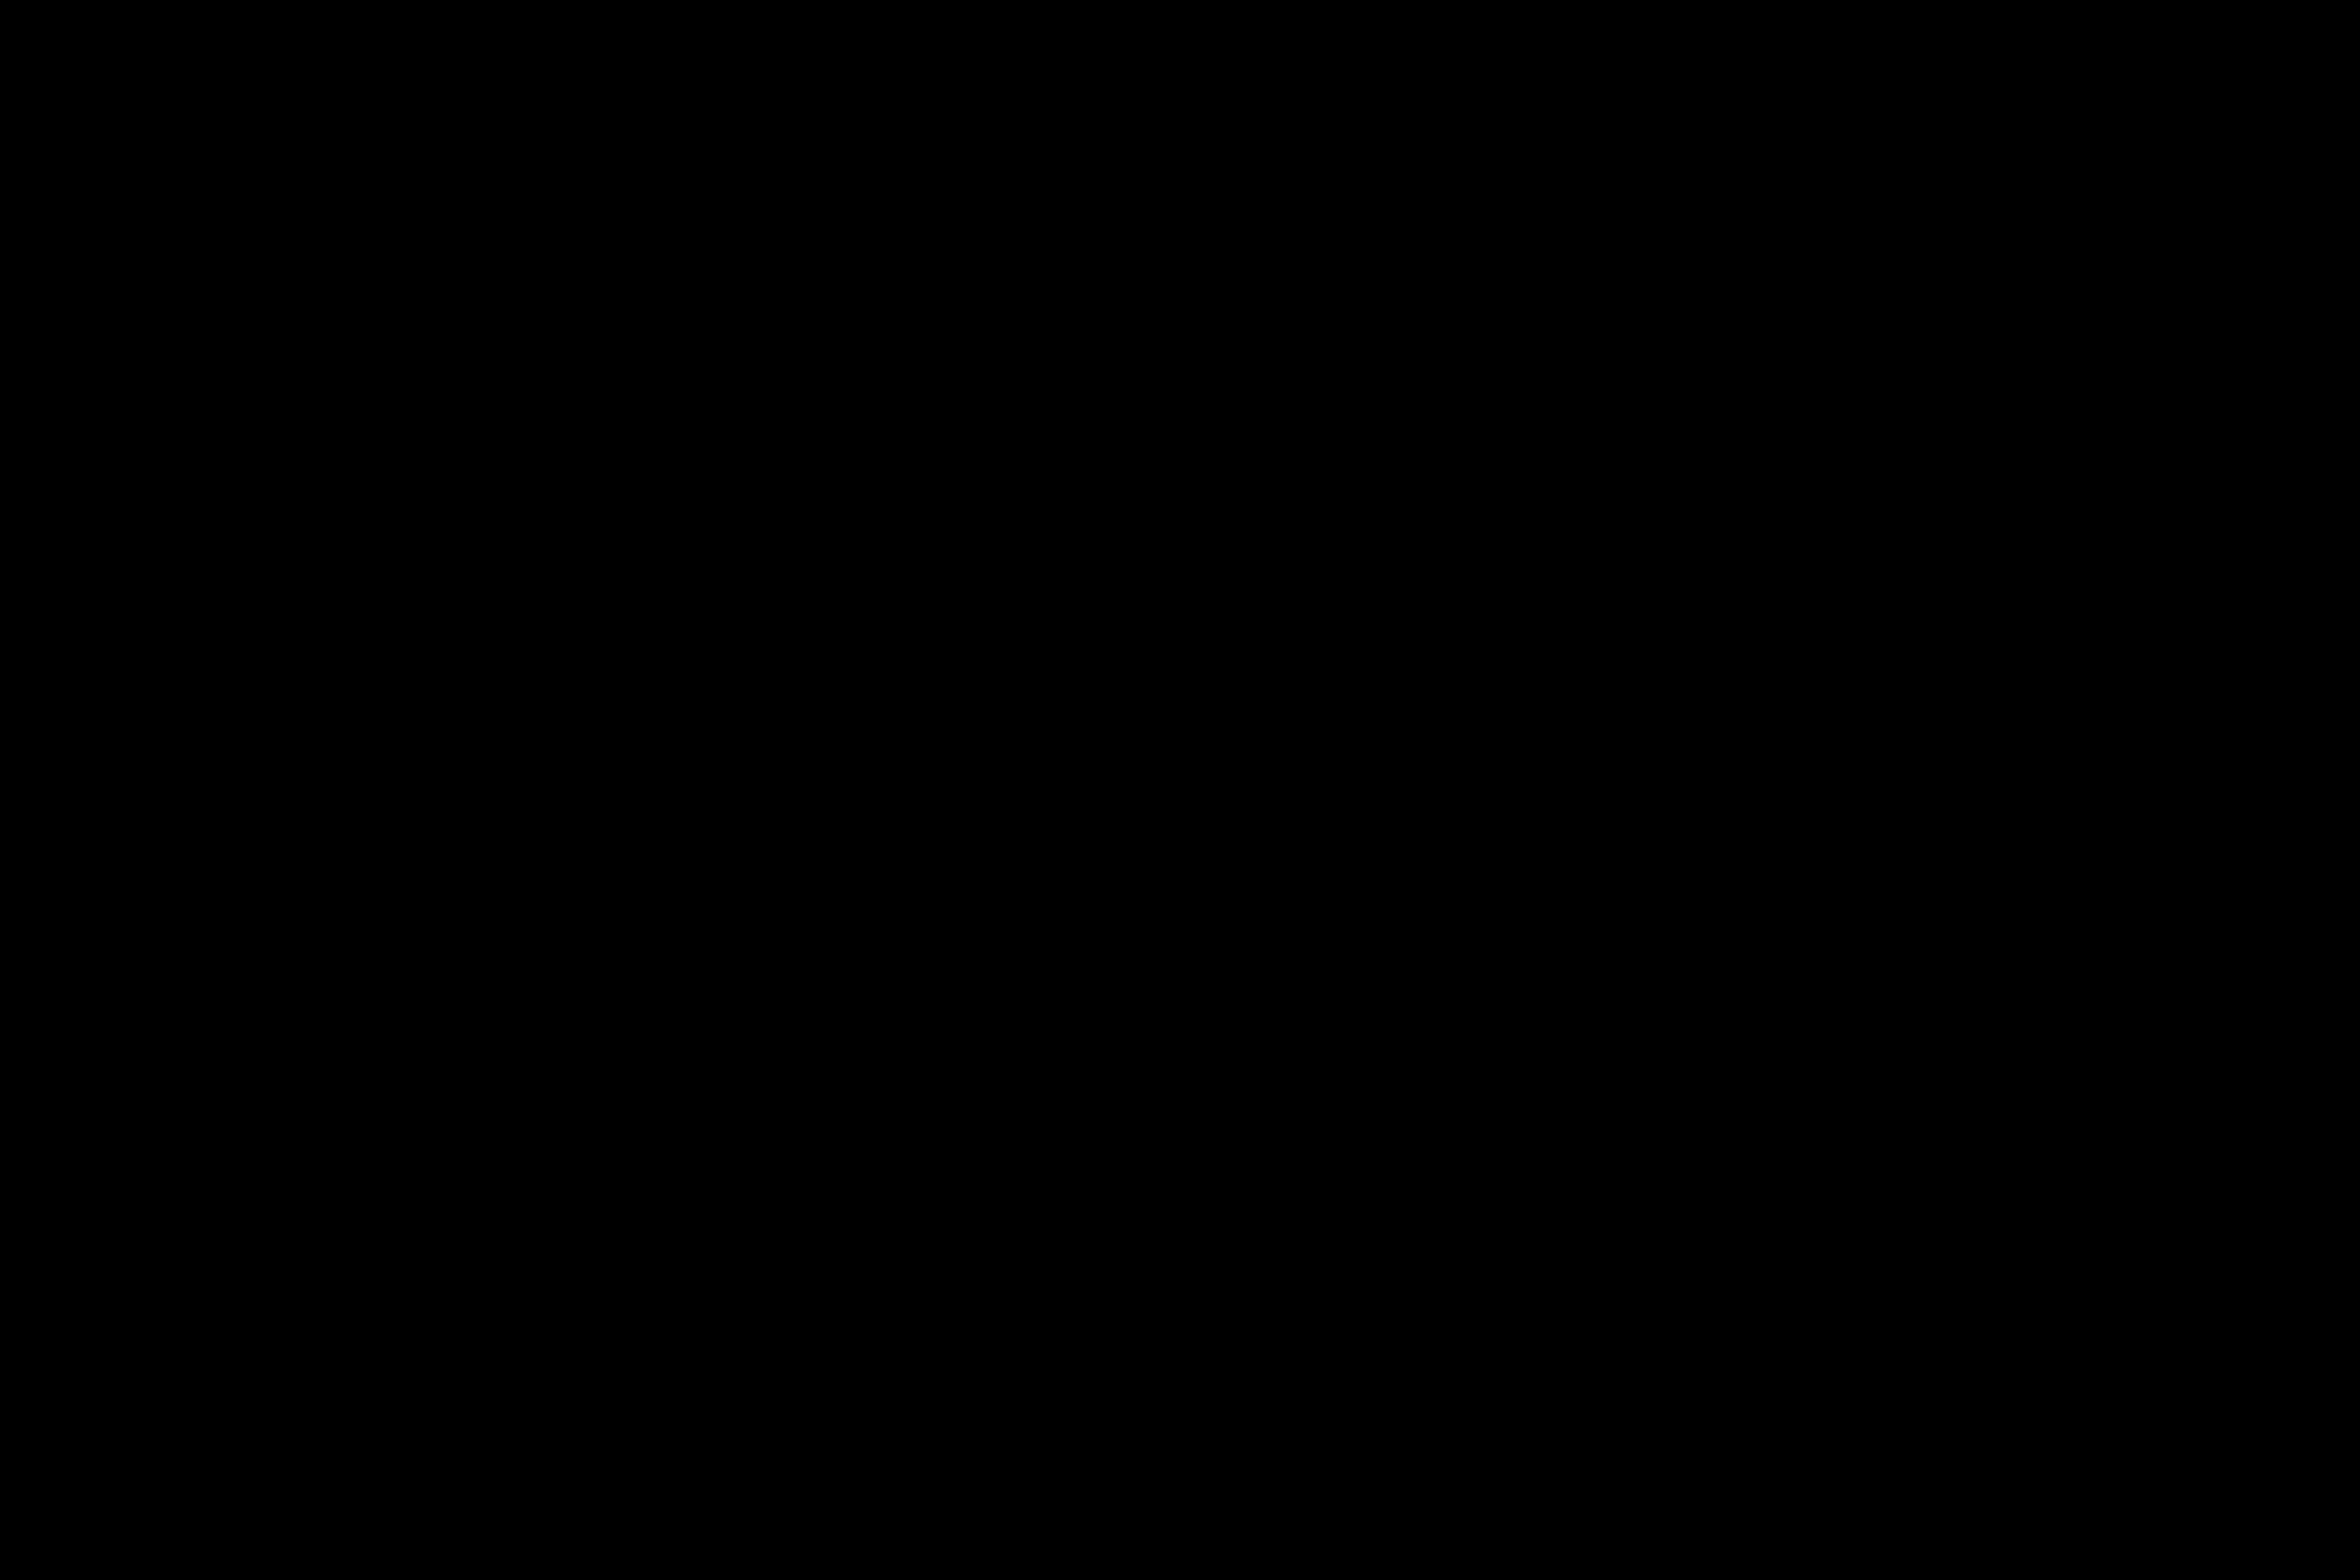 Plush Beautyrest Black mattress in a luxury bedroom